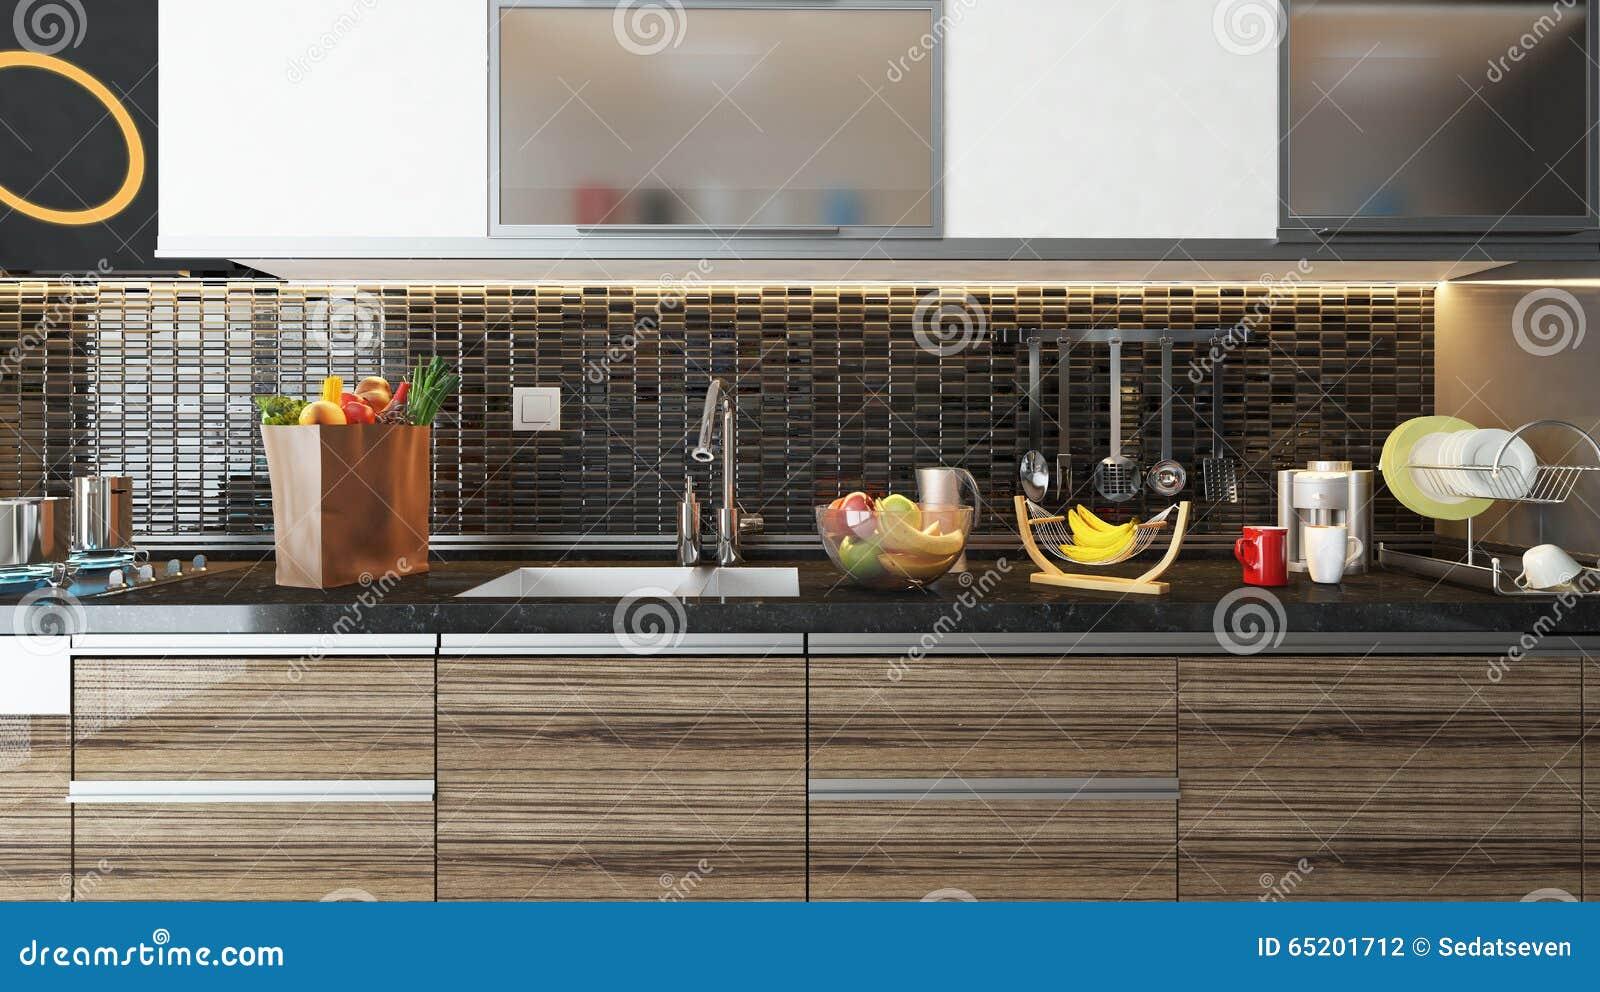 Dise O Interior De La Cocina Moderna Con La Pared De